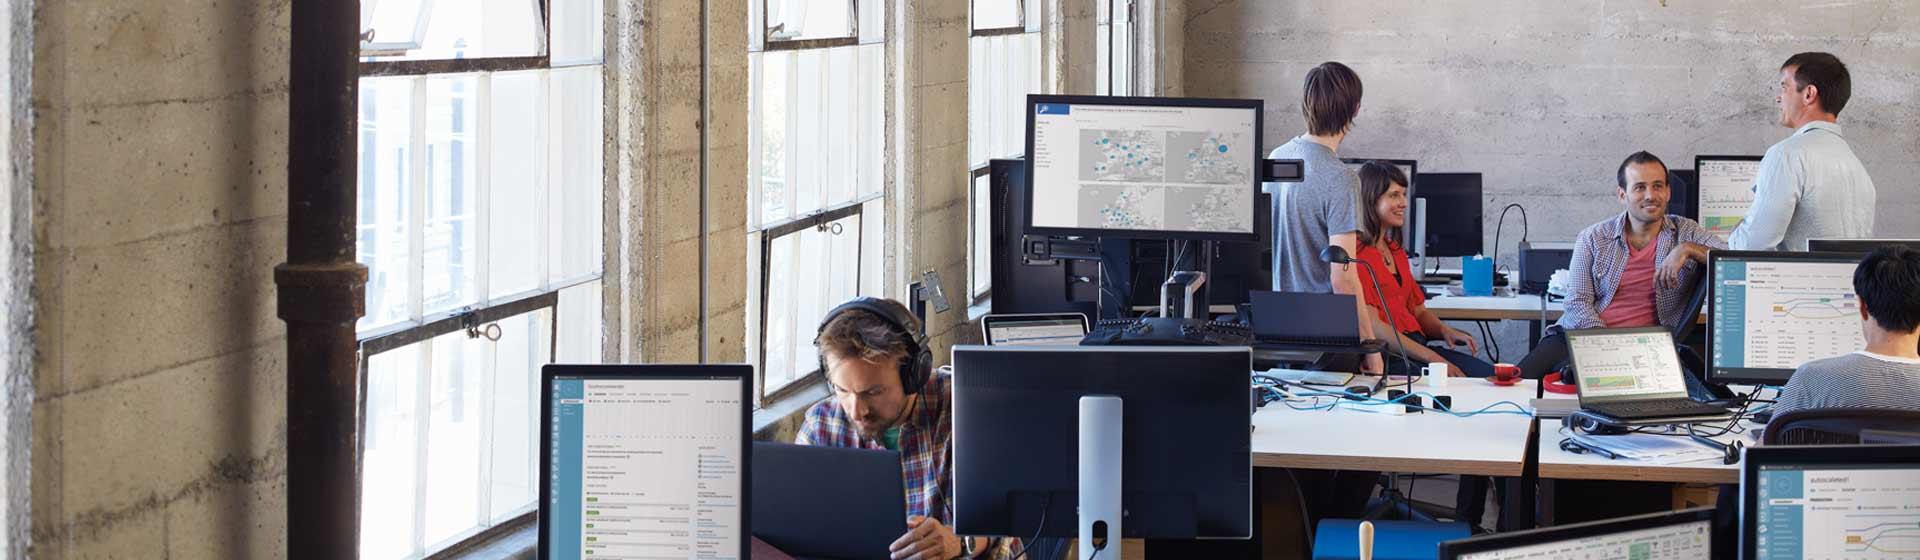 ภาพกลุ่มเพื่อนร่วมงานกำลังนั่งและยืนรอบๆ โต๊ะของพวกเขาในสำนักงานที่เต็มไปด้วยคอมพิวเตอร์ที่กำลังใช้งาน Office 365